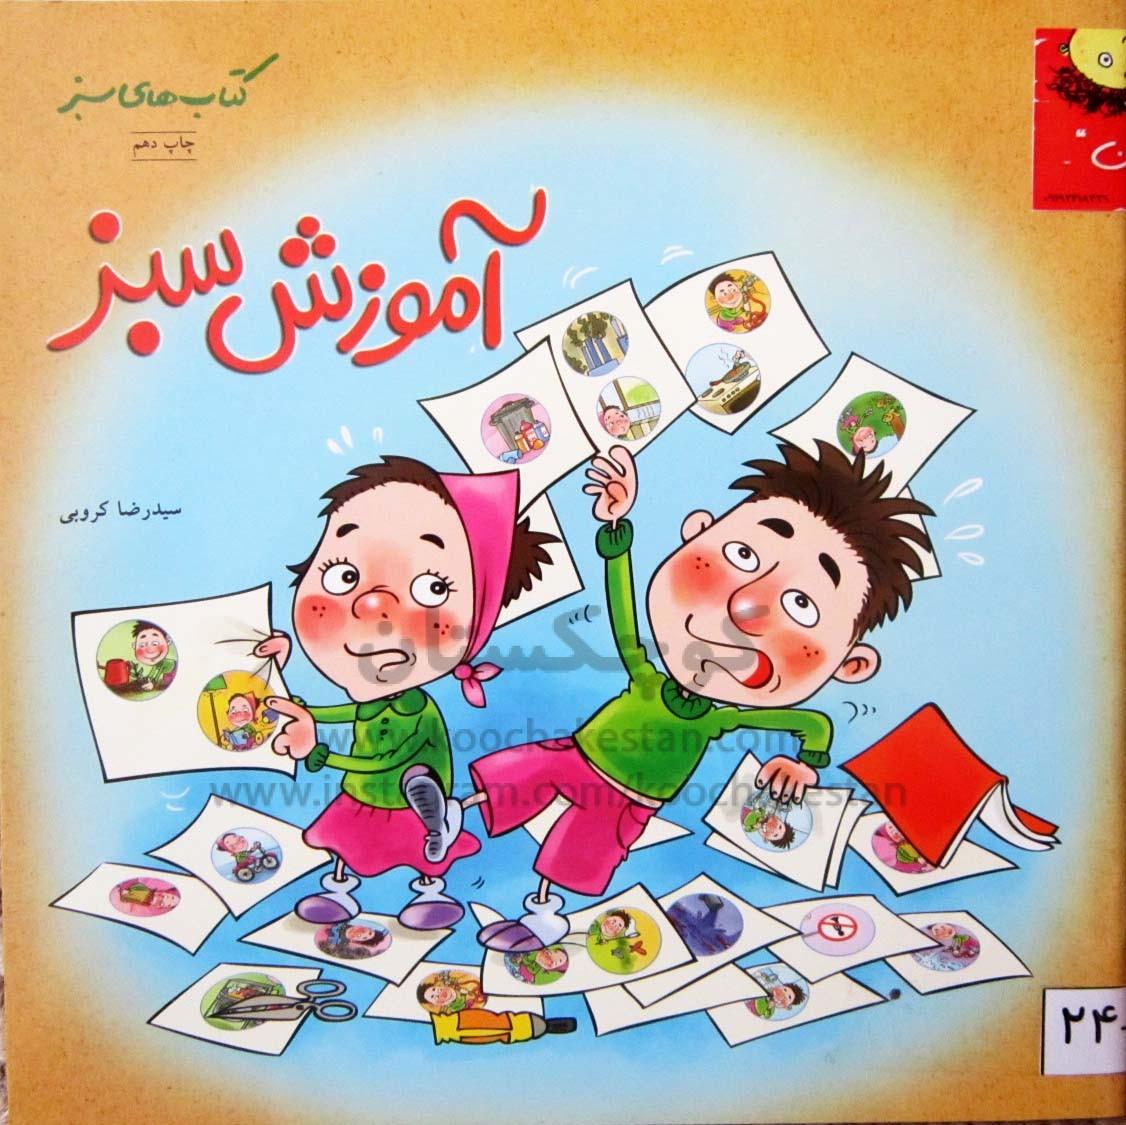 آموزش سبز - کتابخانه کودک - کوچکستان